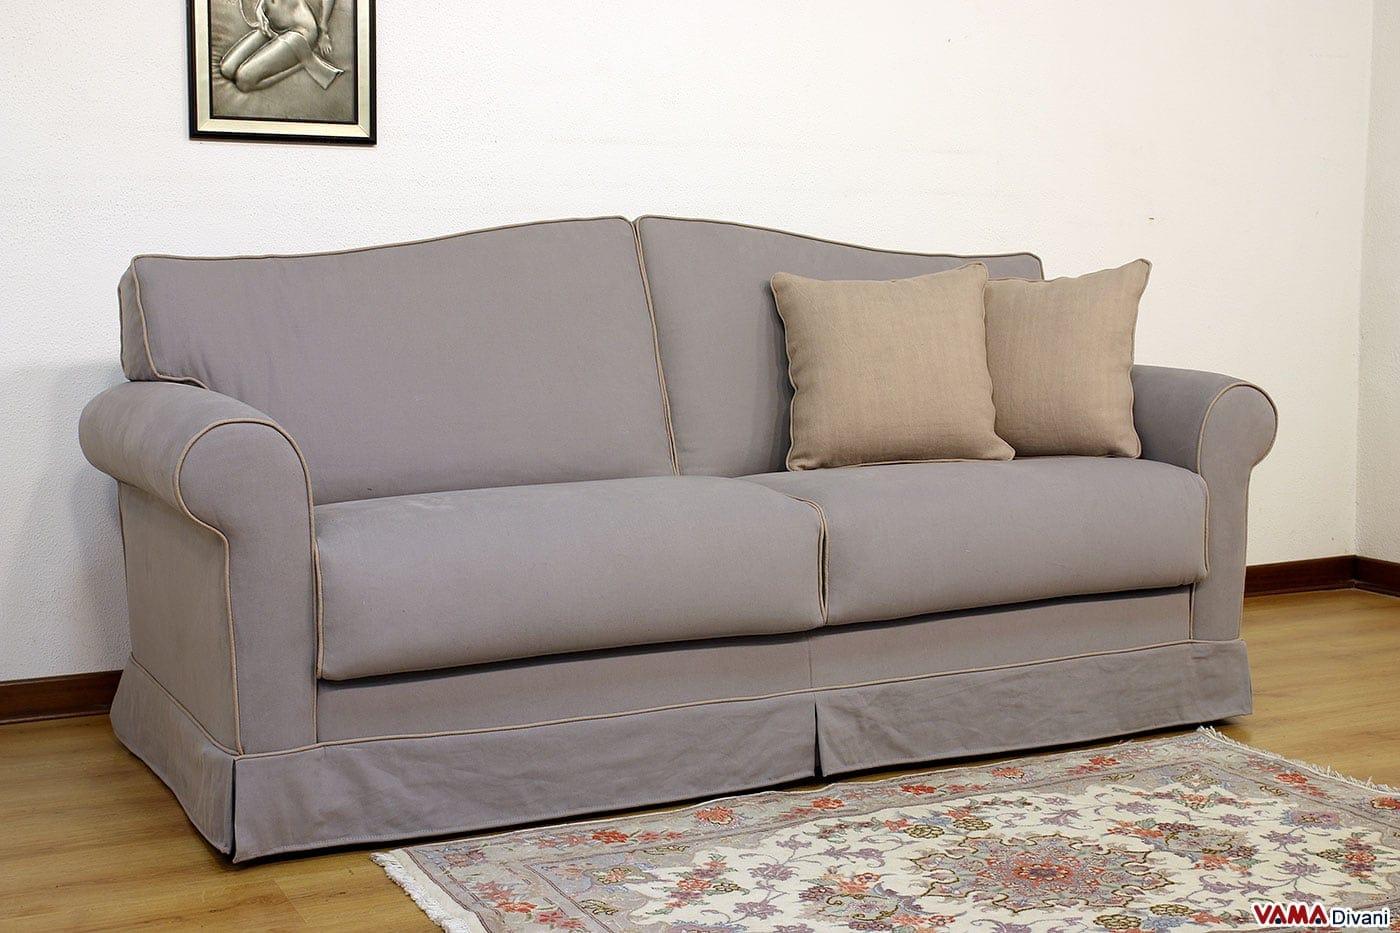 Stunning divano letto rete elettrosaldata ideas for Divano letto